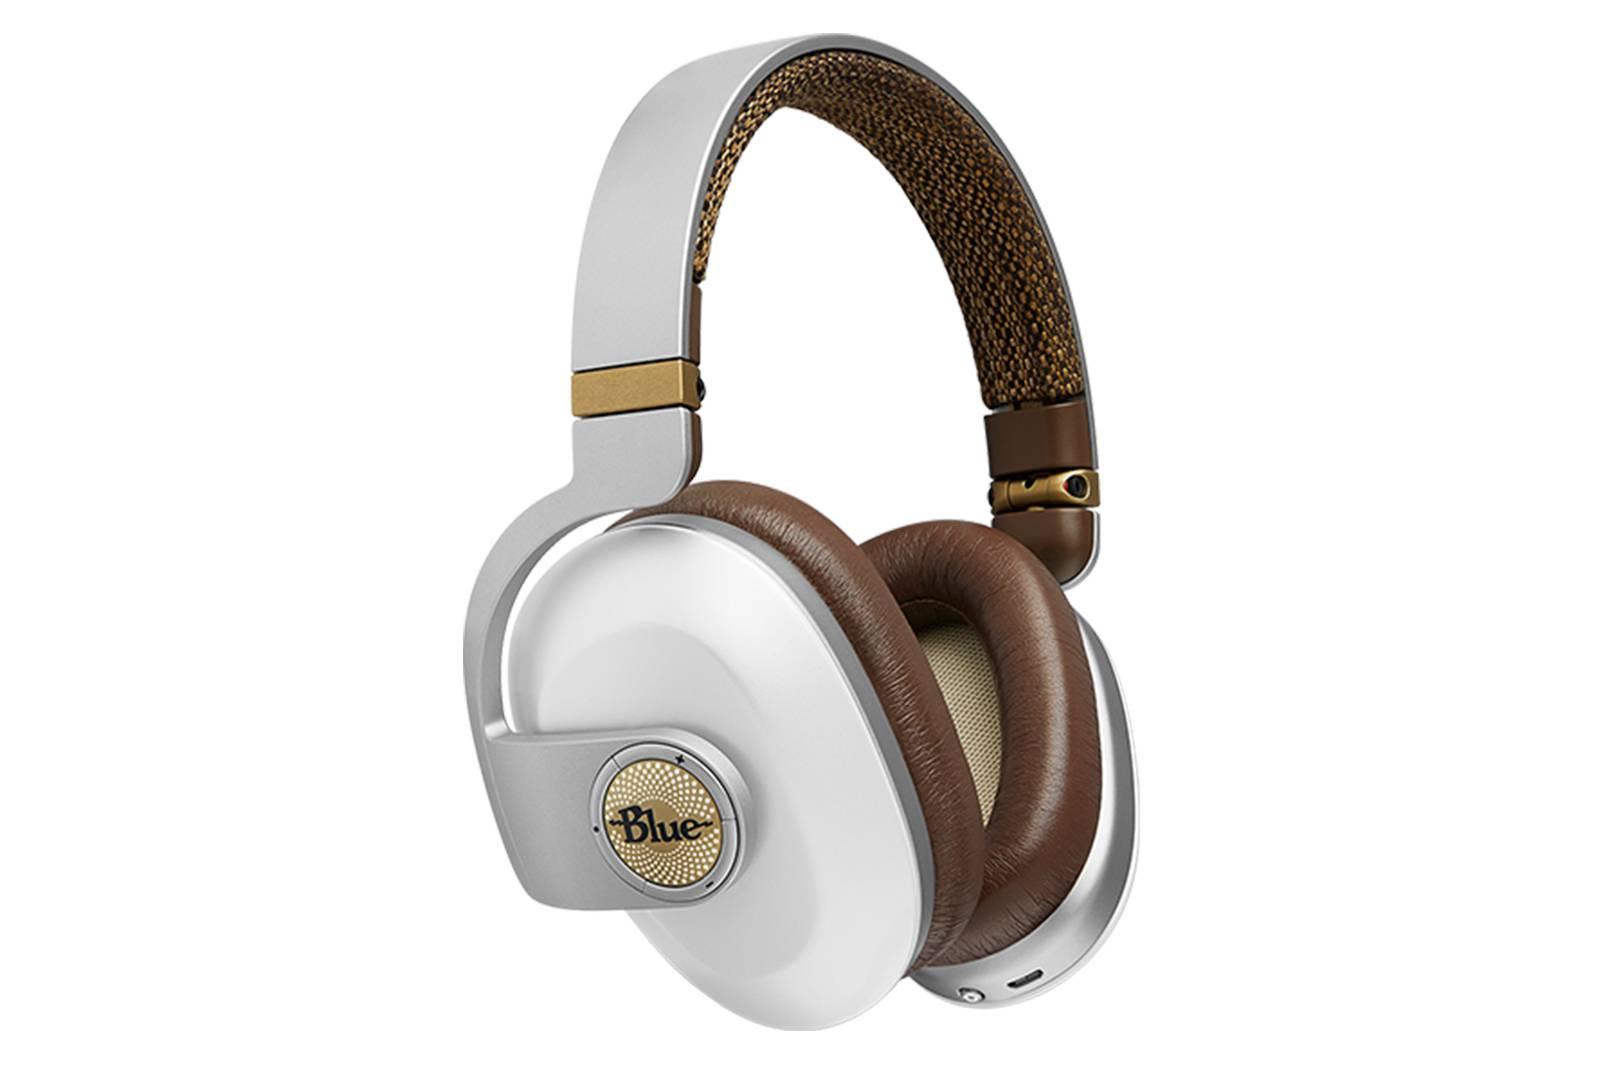 Blue Microphones Satellite - Casti Hi-FI pentru experiente acustice deosebite